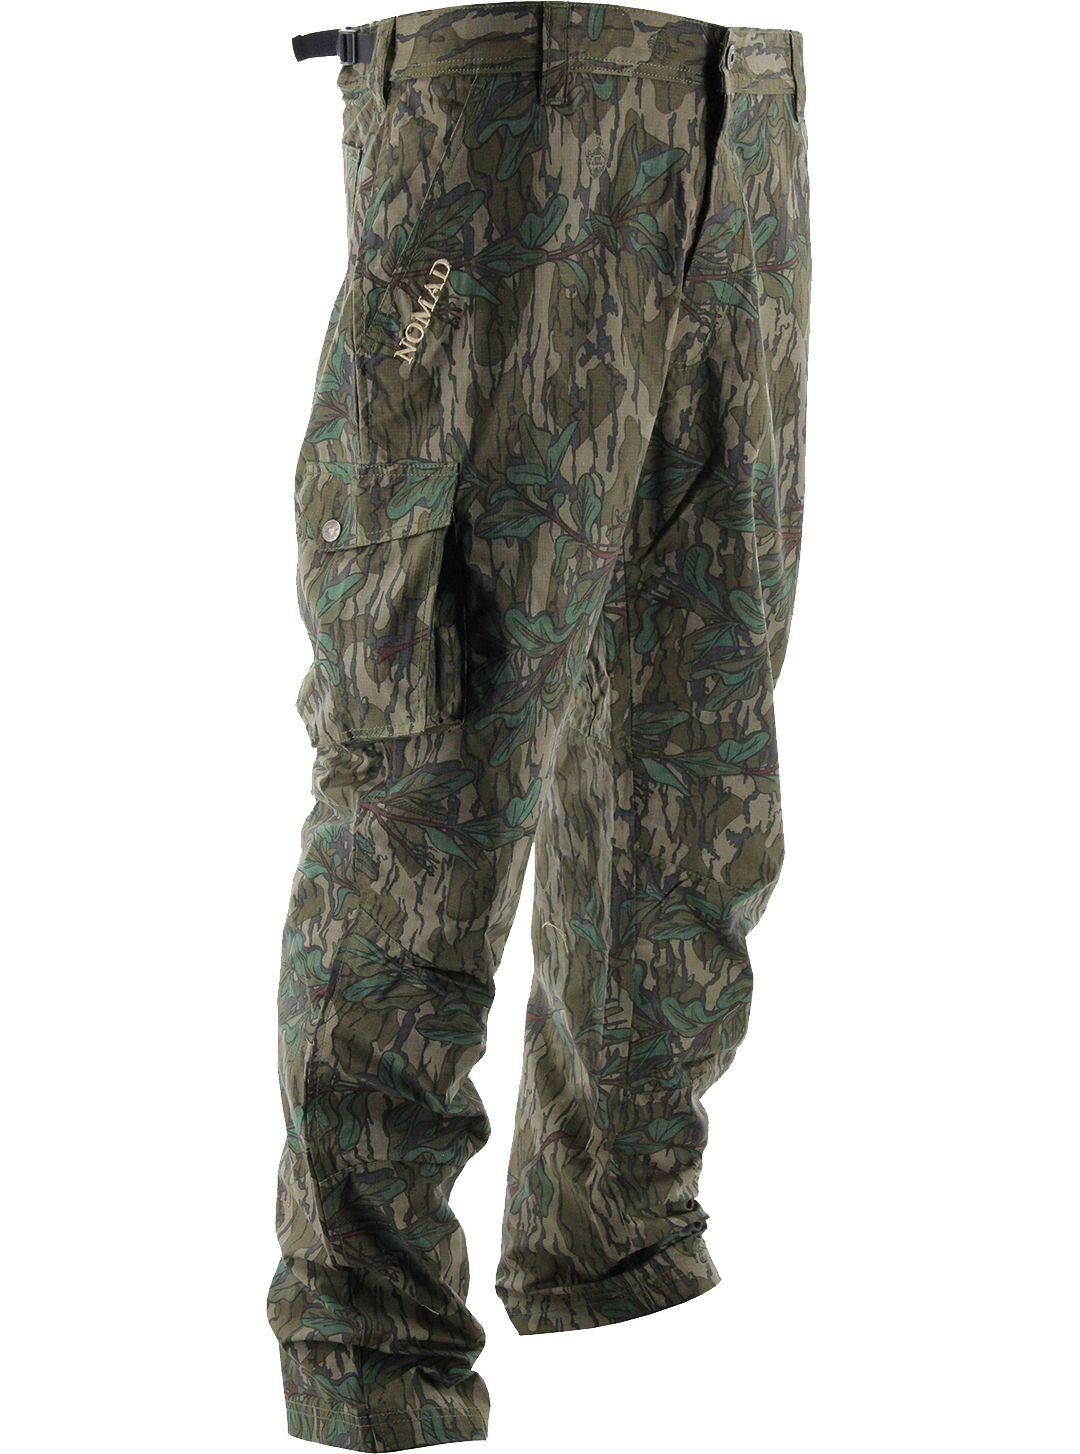 ceea0b4315b89 NOMAD Men's NWTF Turkey Hunting Pants | Field & Stream